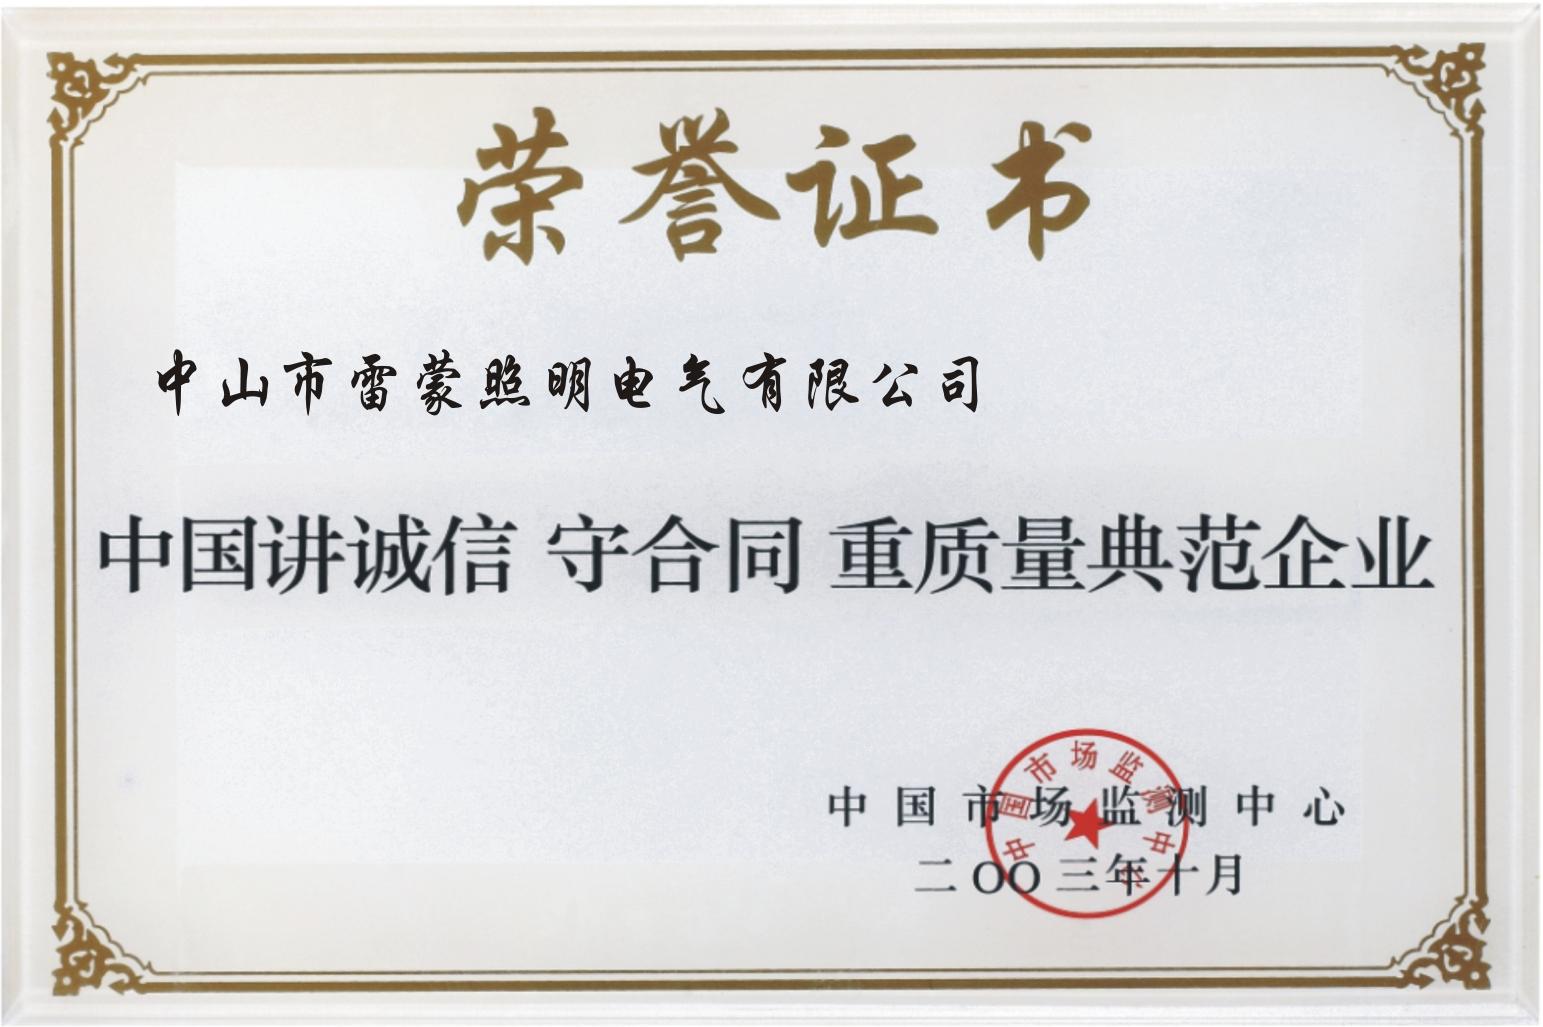 中国讲诚信守合同重质量企业